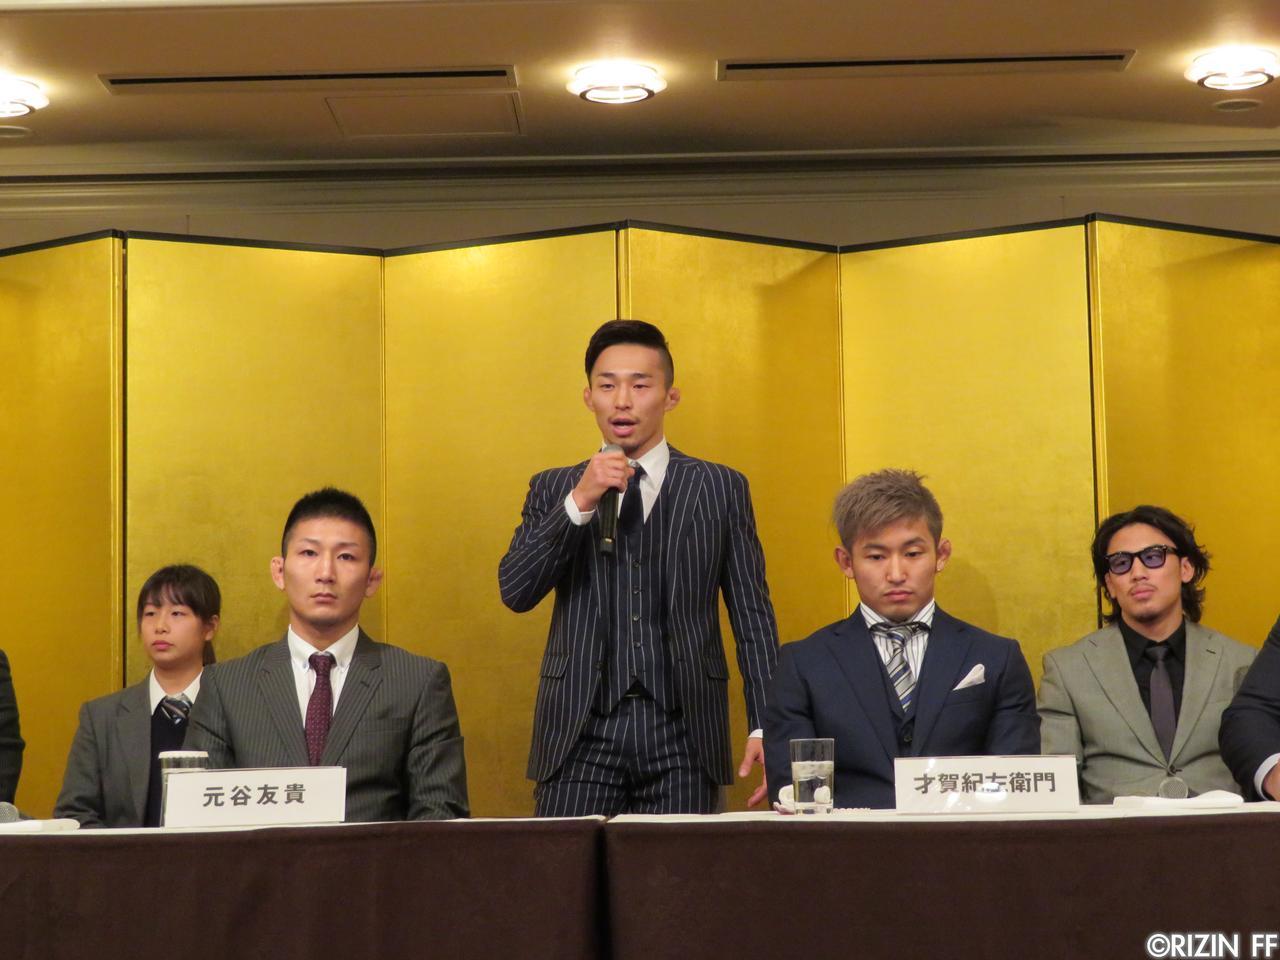 画像2: 浅倉カンナをはじめ、若きRIZINファイターが集結! 追加カードの発表!!